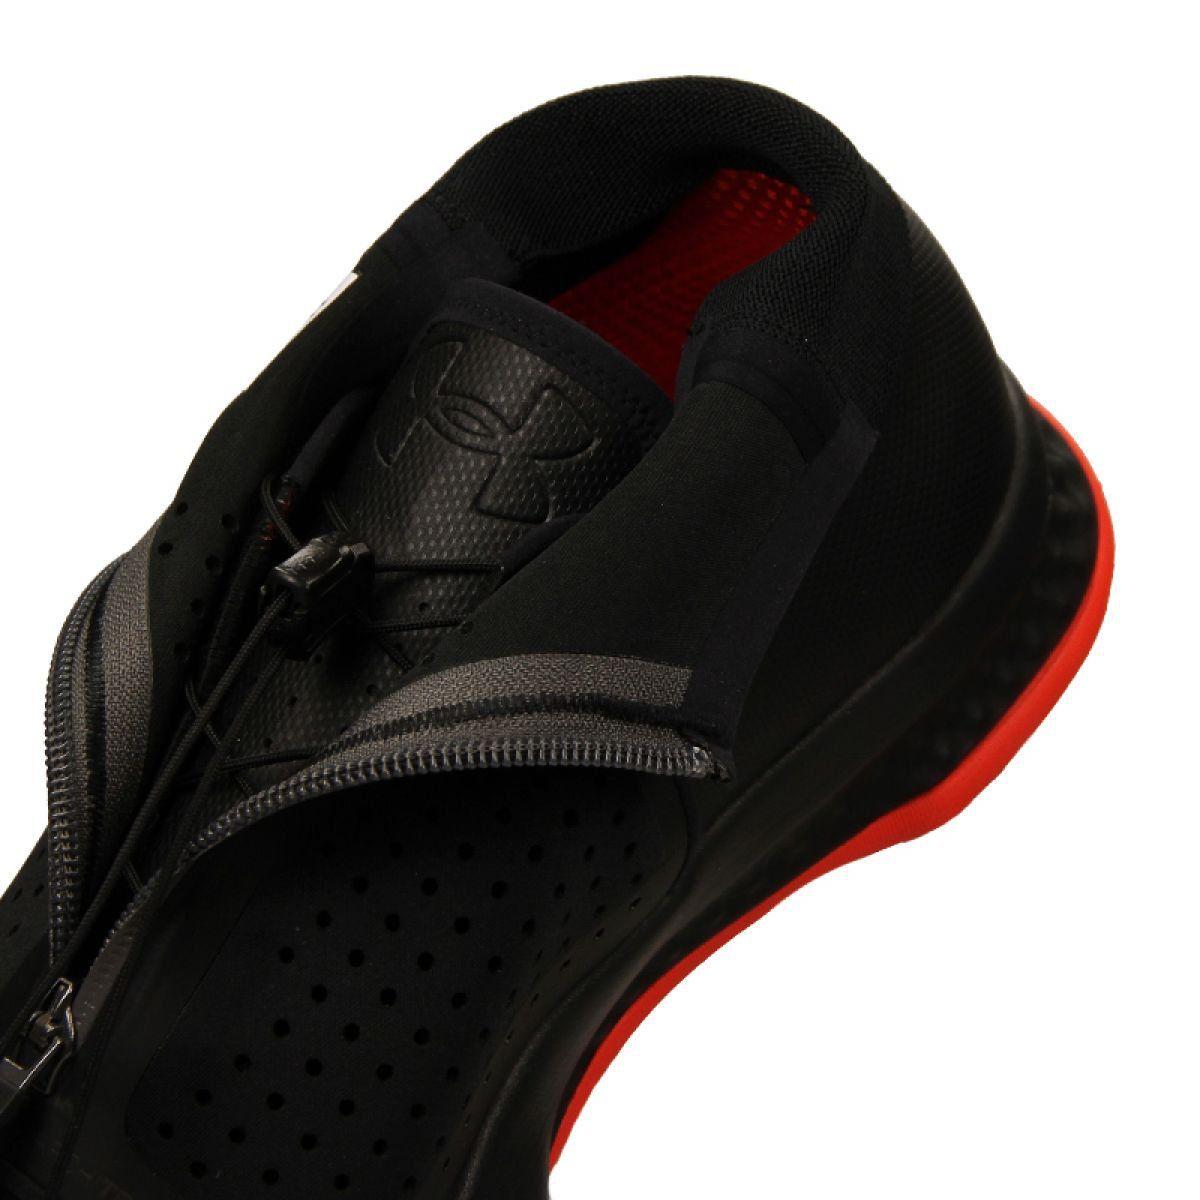 Sports Men S Underarmour Under Armour Under Armor Architech Futurist M 3020546 002 Shoes Black Black Shoes Under Armour Under Armor